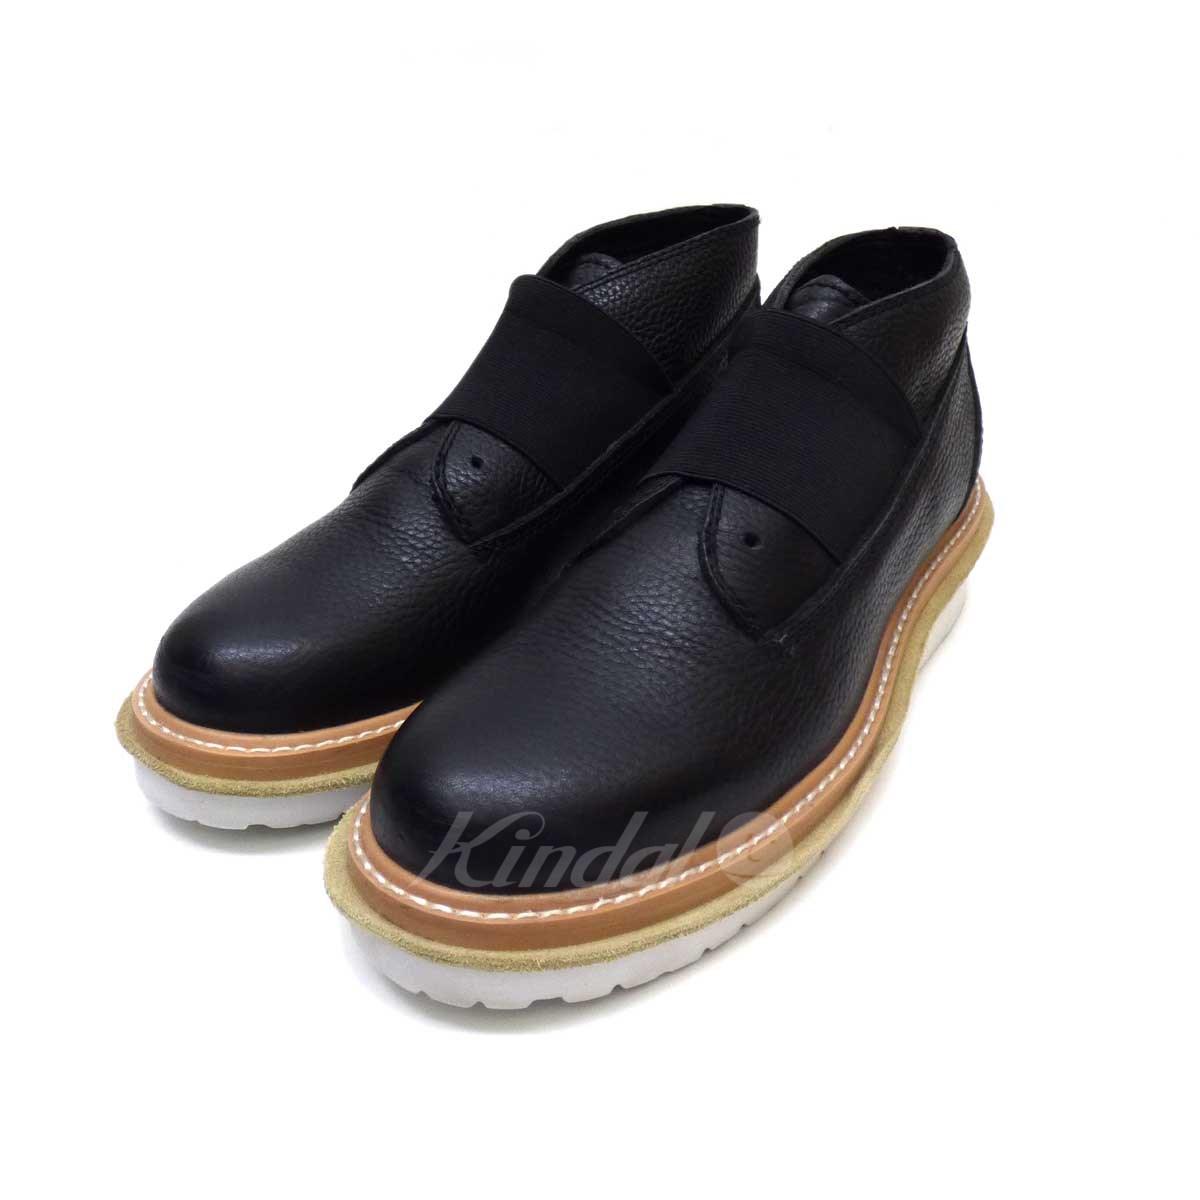 【中古】zucca デザートブーツ ブラック サイズ:L 【送料無料】 【300718】(ズッカ)